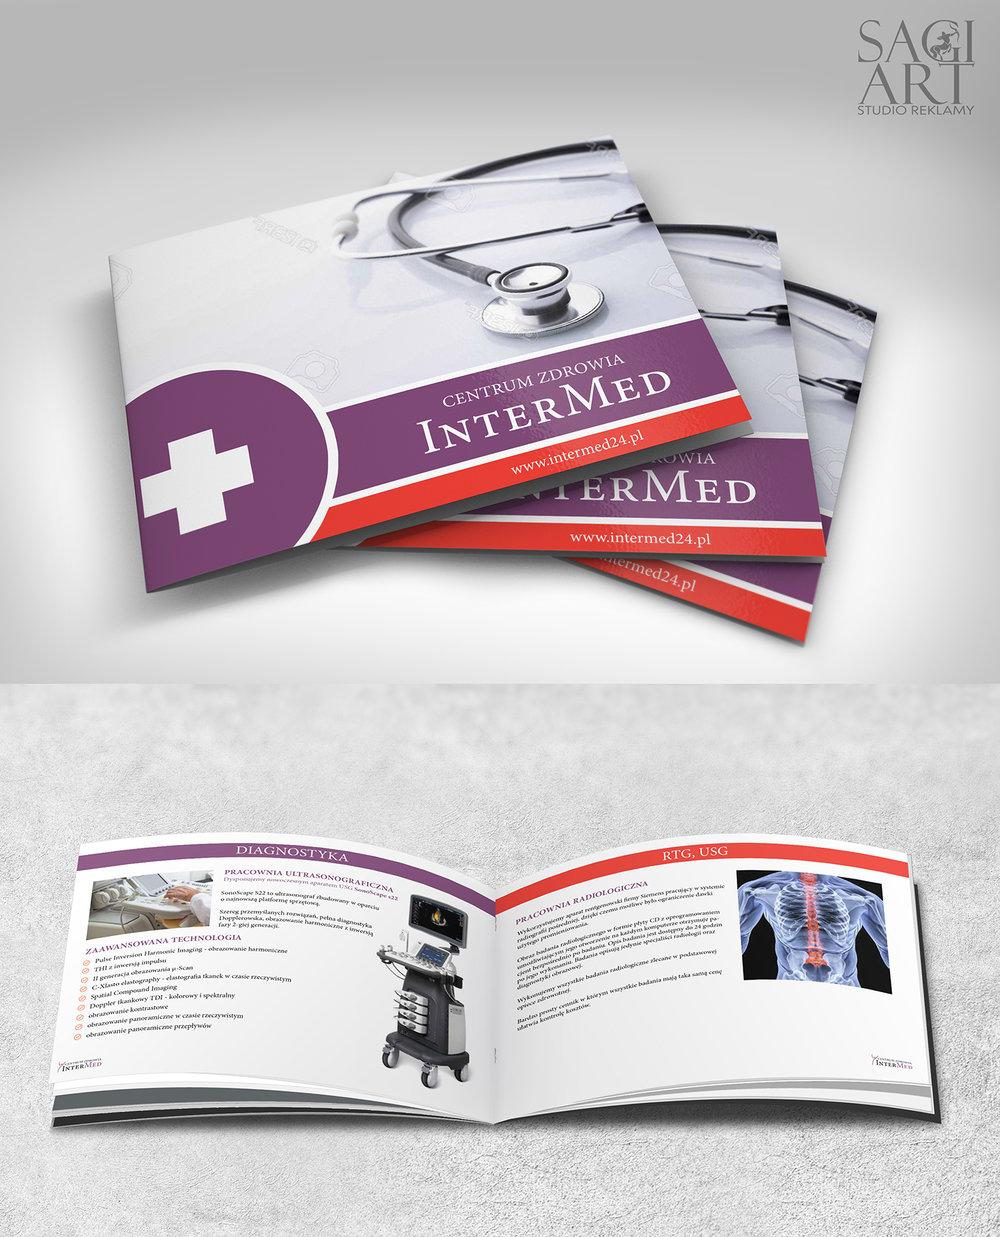 Przygotowanie graficzne oraz druk katalogów B5. Orientacja pozioma, papier kredowy, foliowania + lakier uv 3d